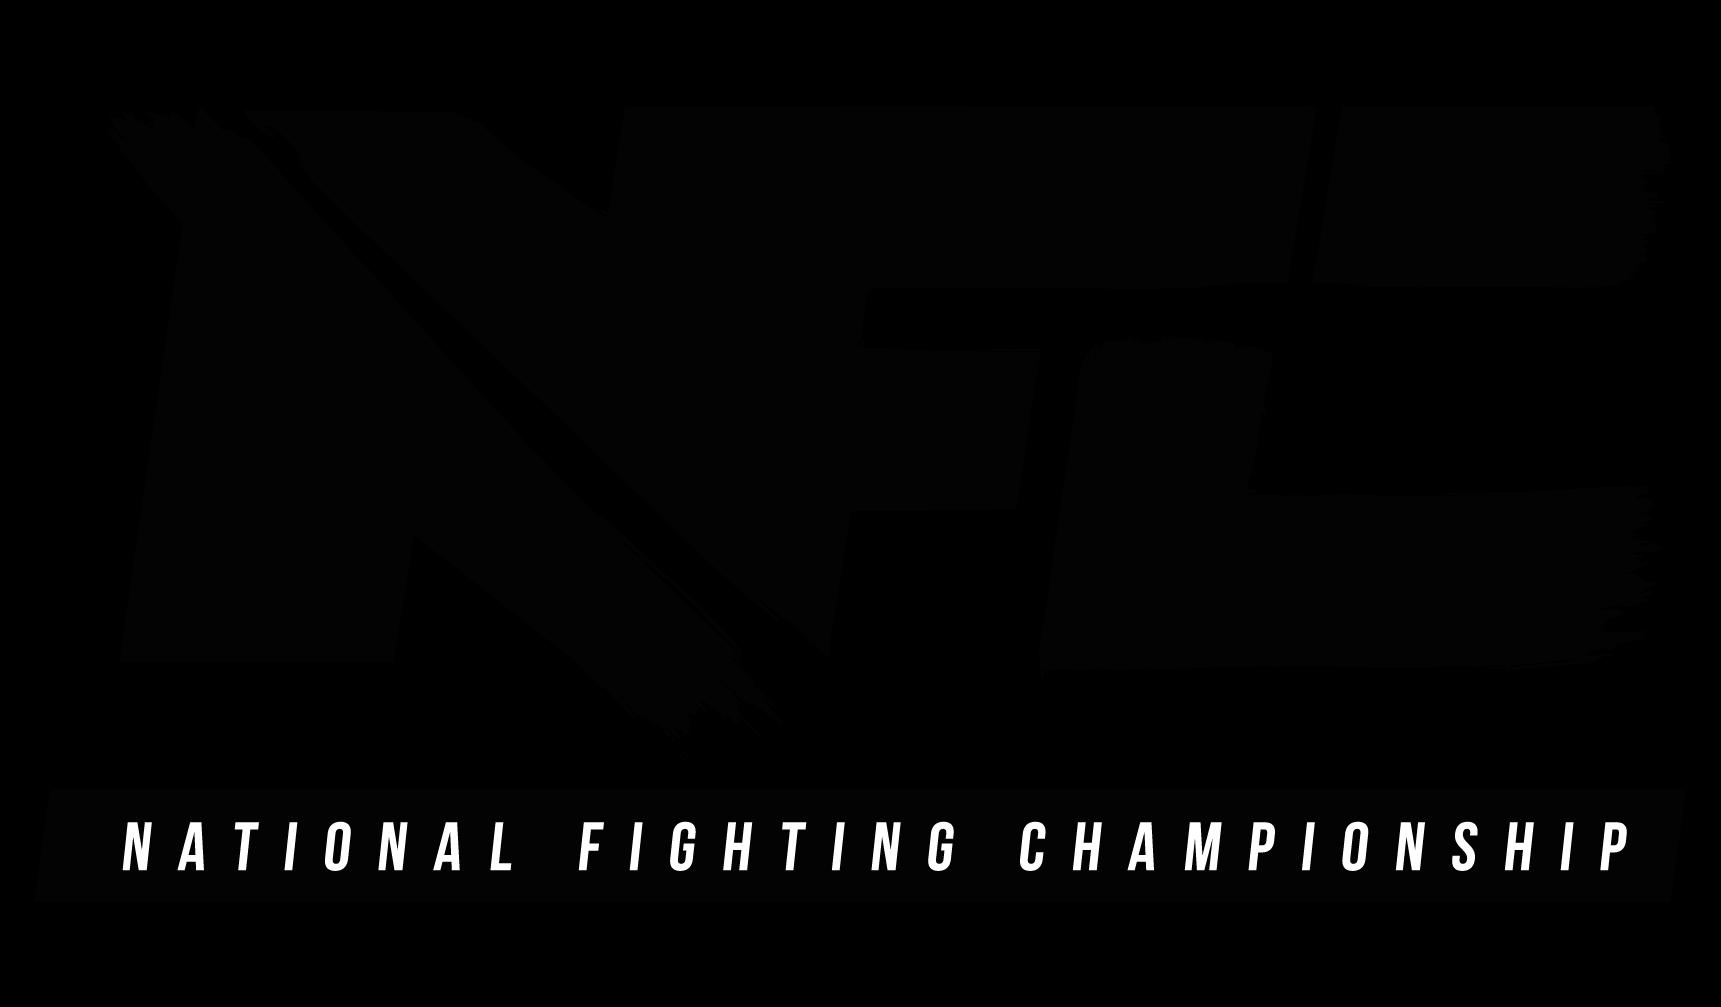 Logo der MMA & Kampfsport Veranstaltung National Fighting Championship, NFC. Qualifier für PFL und Partner von FEFLOGX Sportswear.